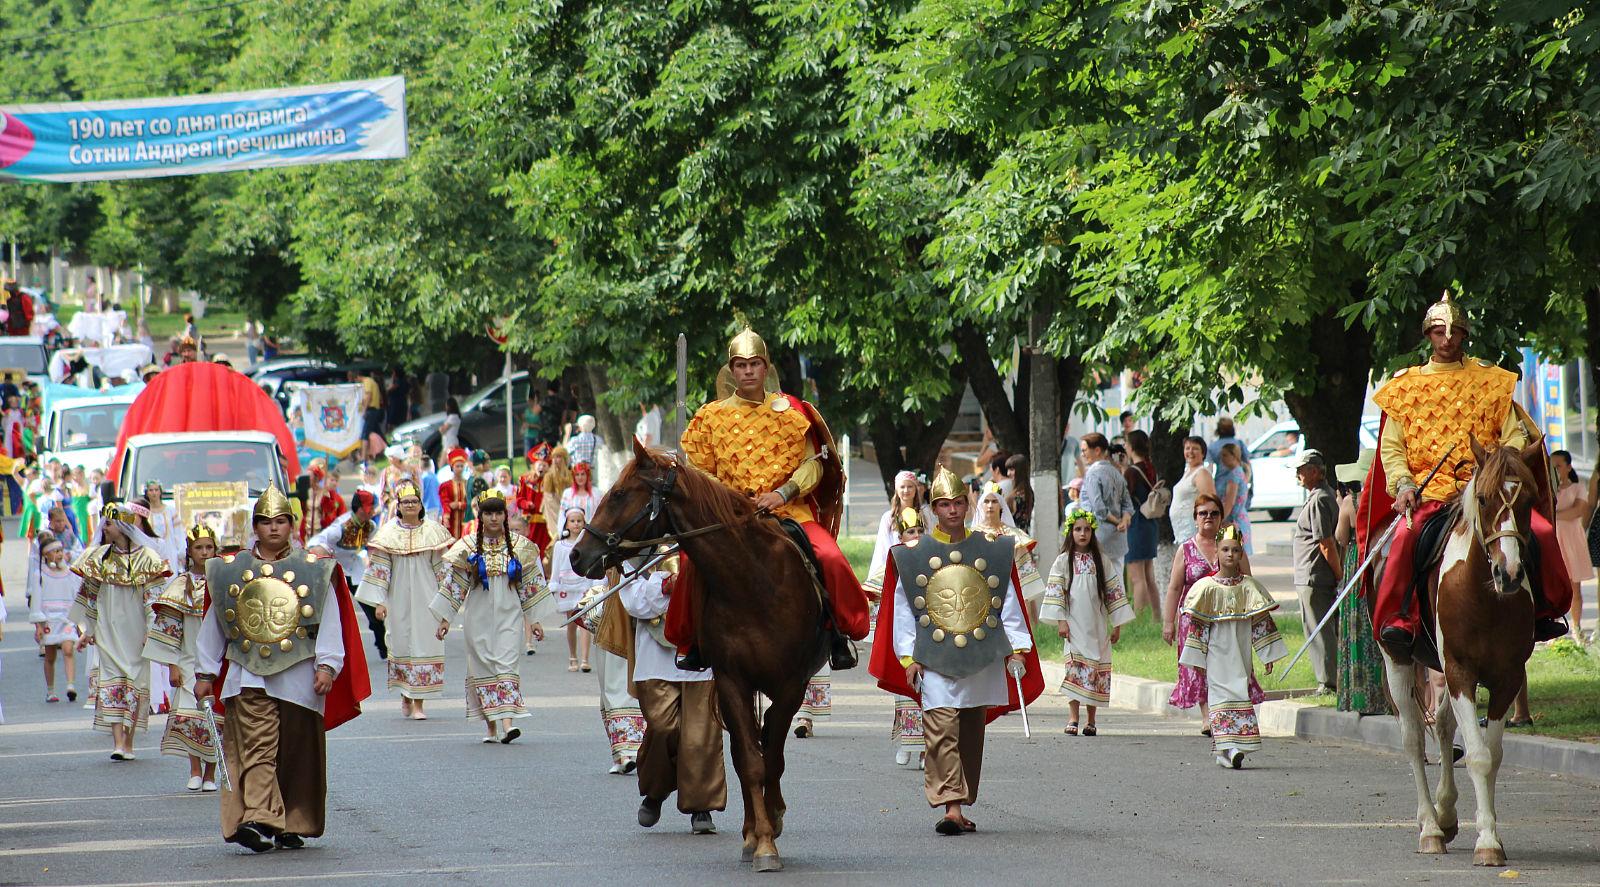 говорил том, станица тбилисская краснодарский край все фото красивое зрелище